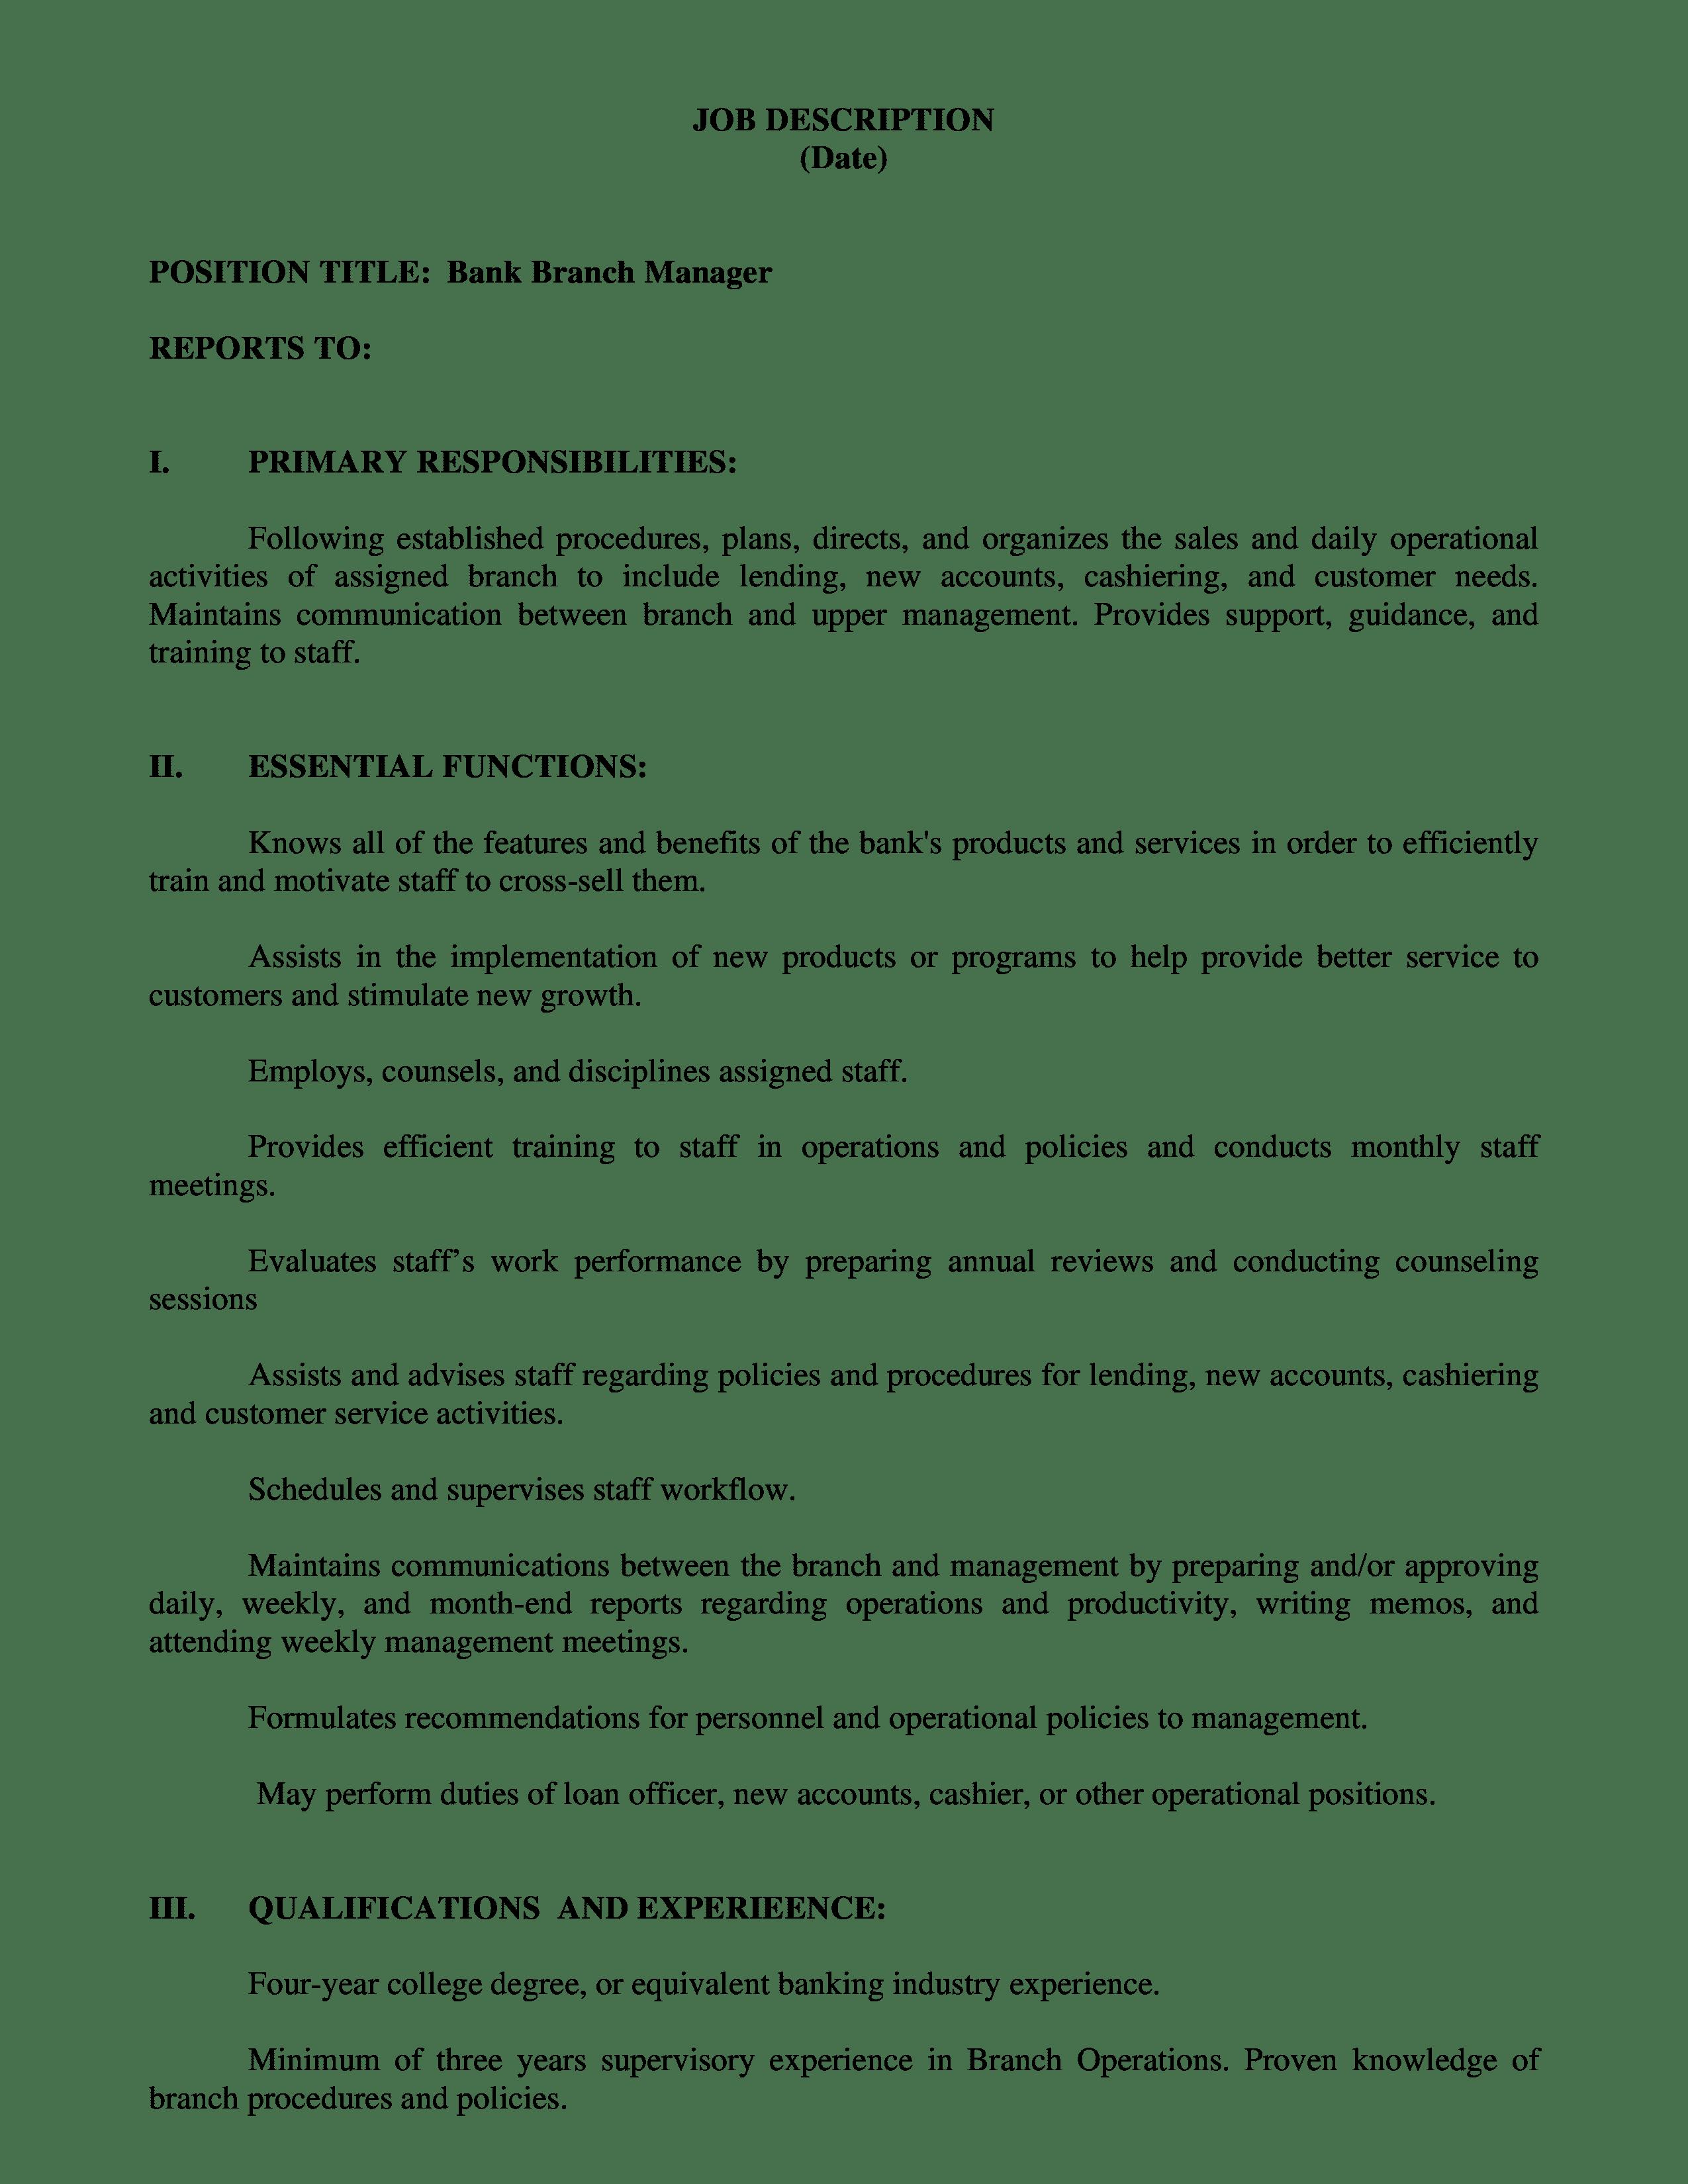 bank-manager-job-responsibilities